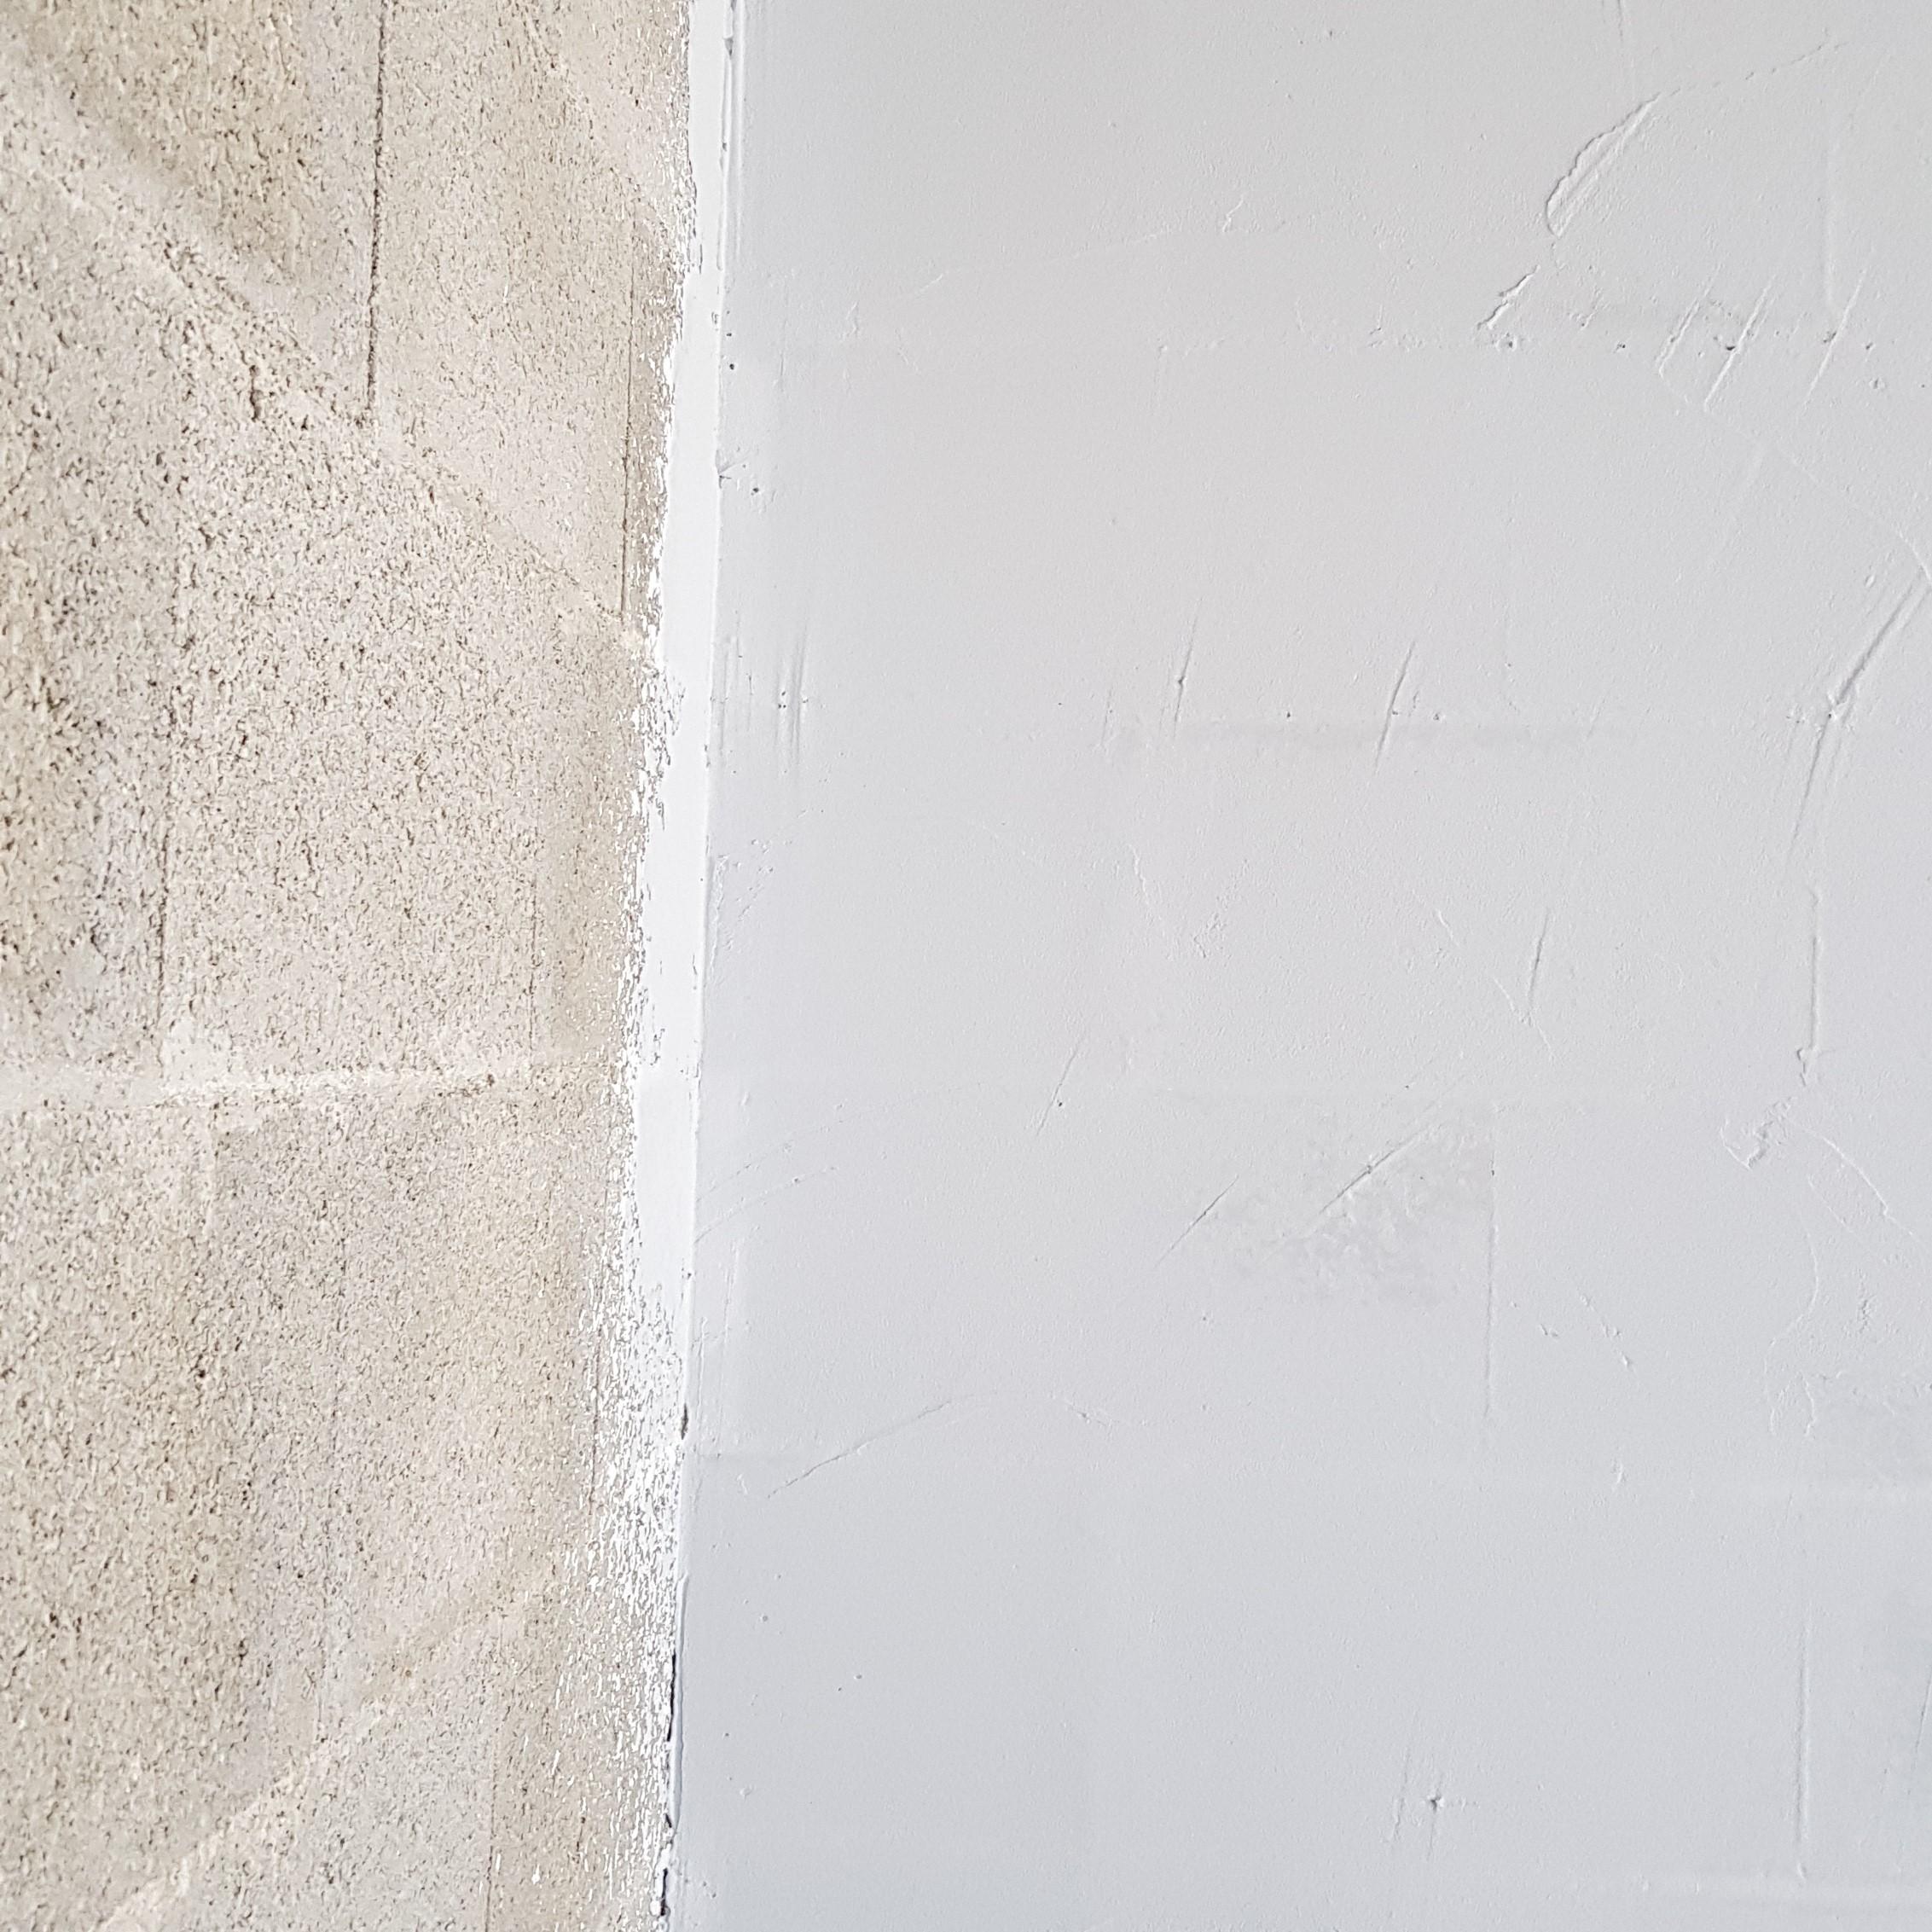 Gérer l'étanchéité à l'air d'une maison avec le système PLACOPLATRE SAINT GOBIN Aéroblue est le plus performant BOSSARD applique l'Aéroblue sur les murs du gros oeuvre pour une étanchéité parfaite BOSSARD à Moncoutant